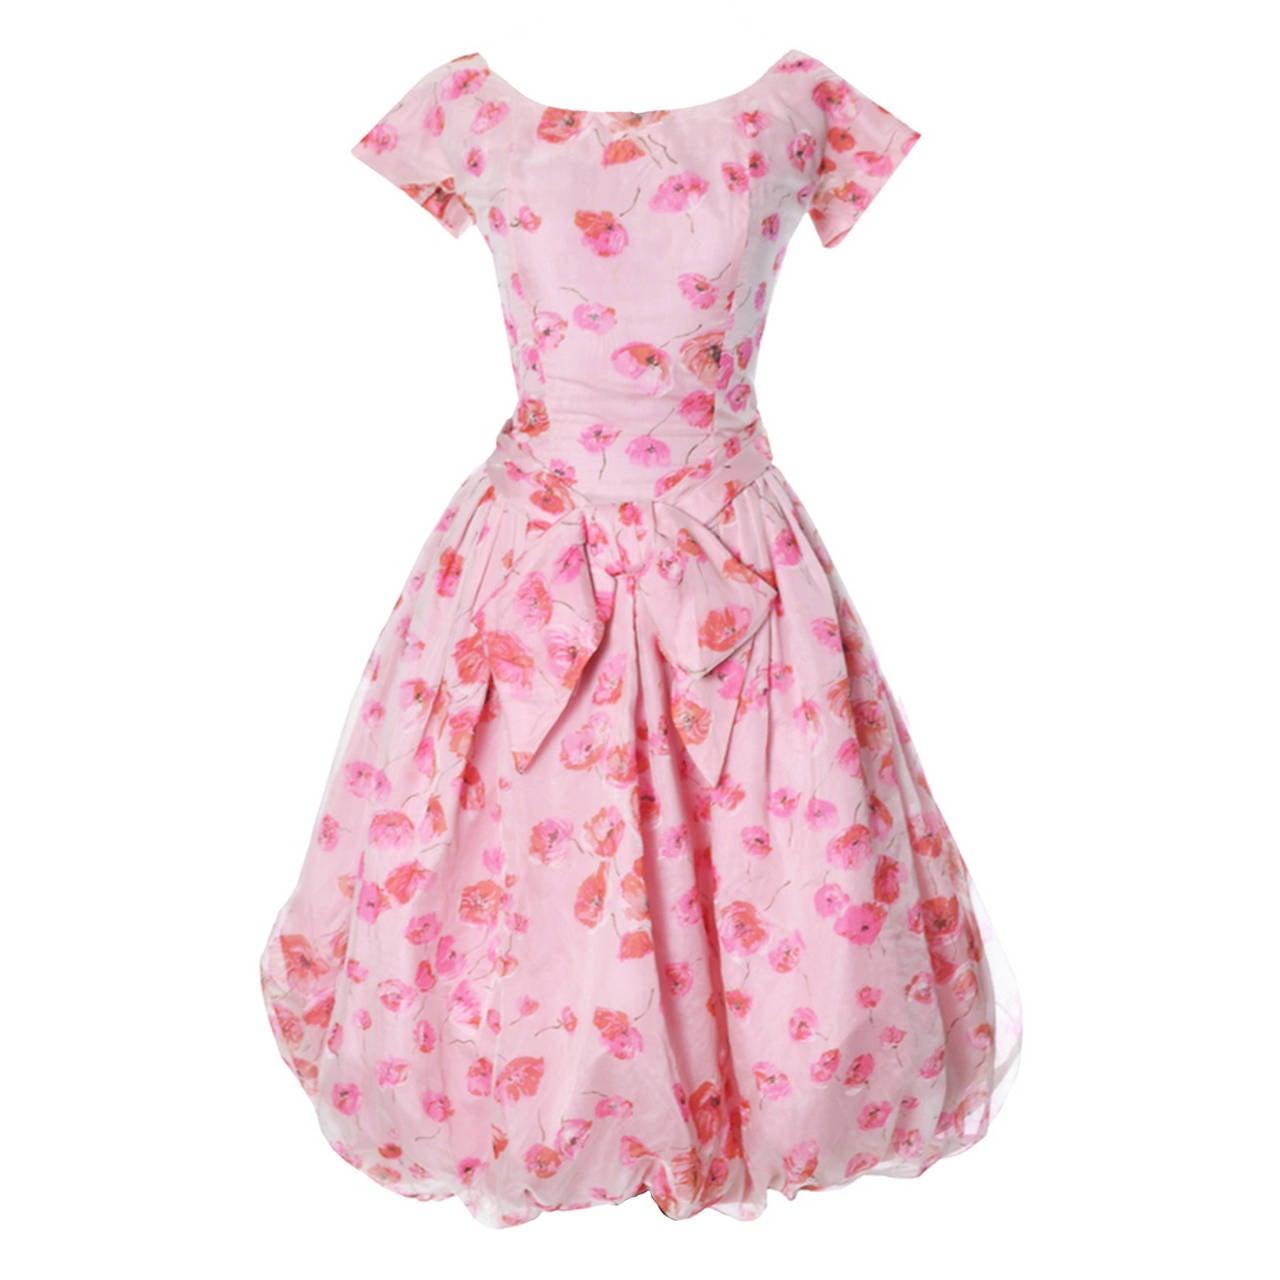 1950s Suzy Perette Vintage Dress Bubble Hem Pink Floral Organza Bow Party Frock 1